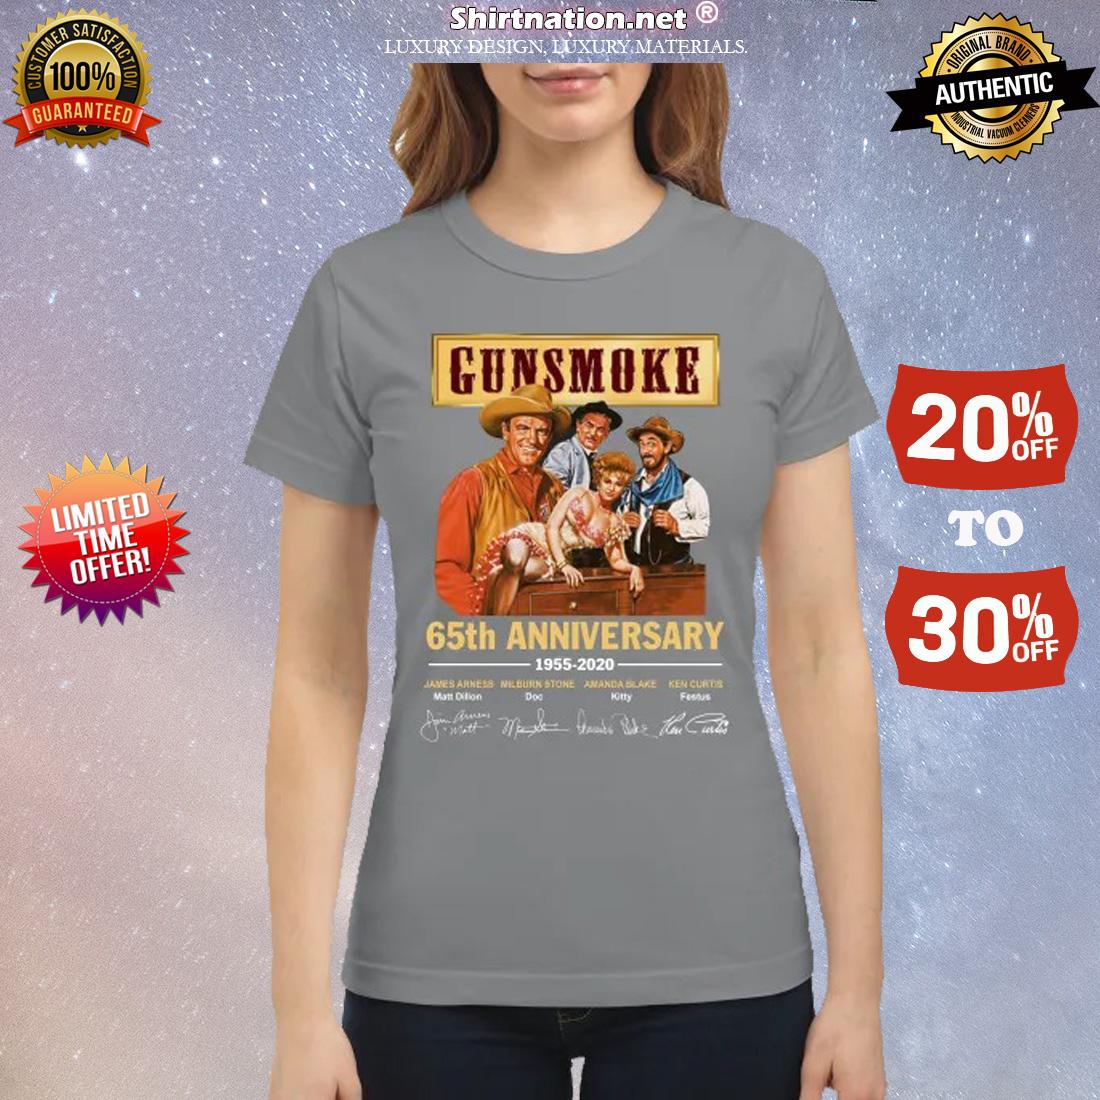 Gunsmoke 65th anniversary 1955 2020 classic shirt